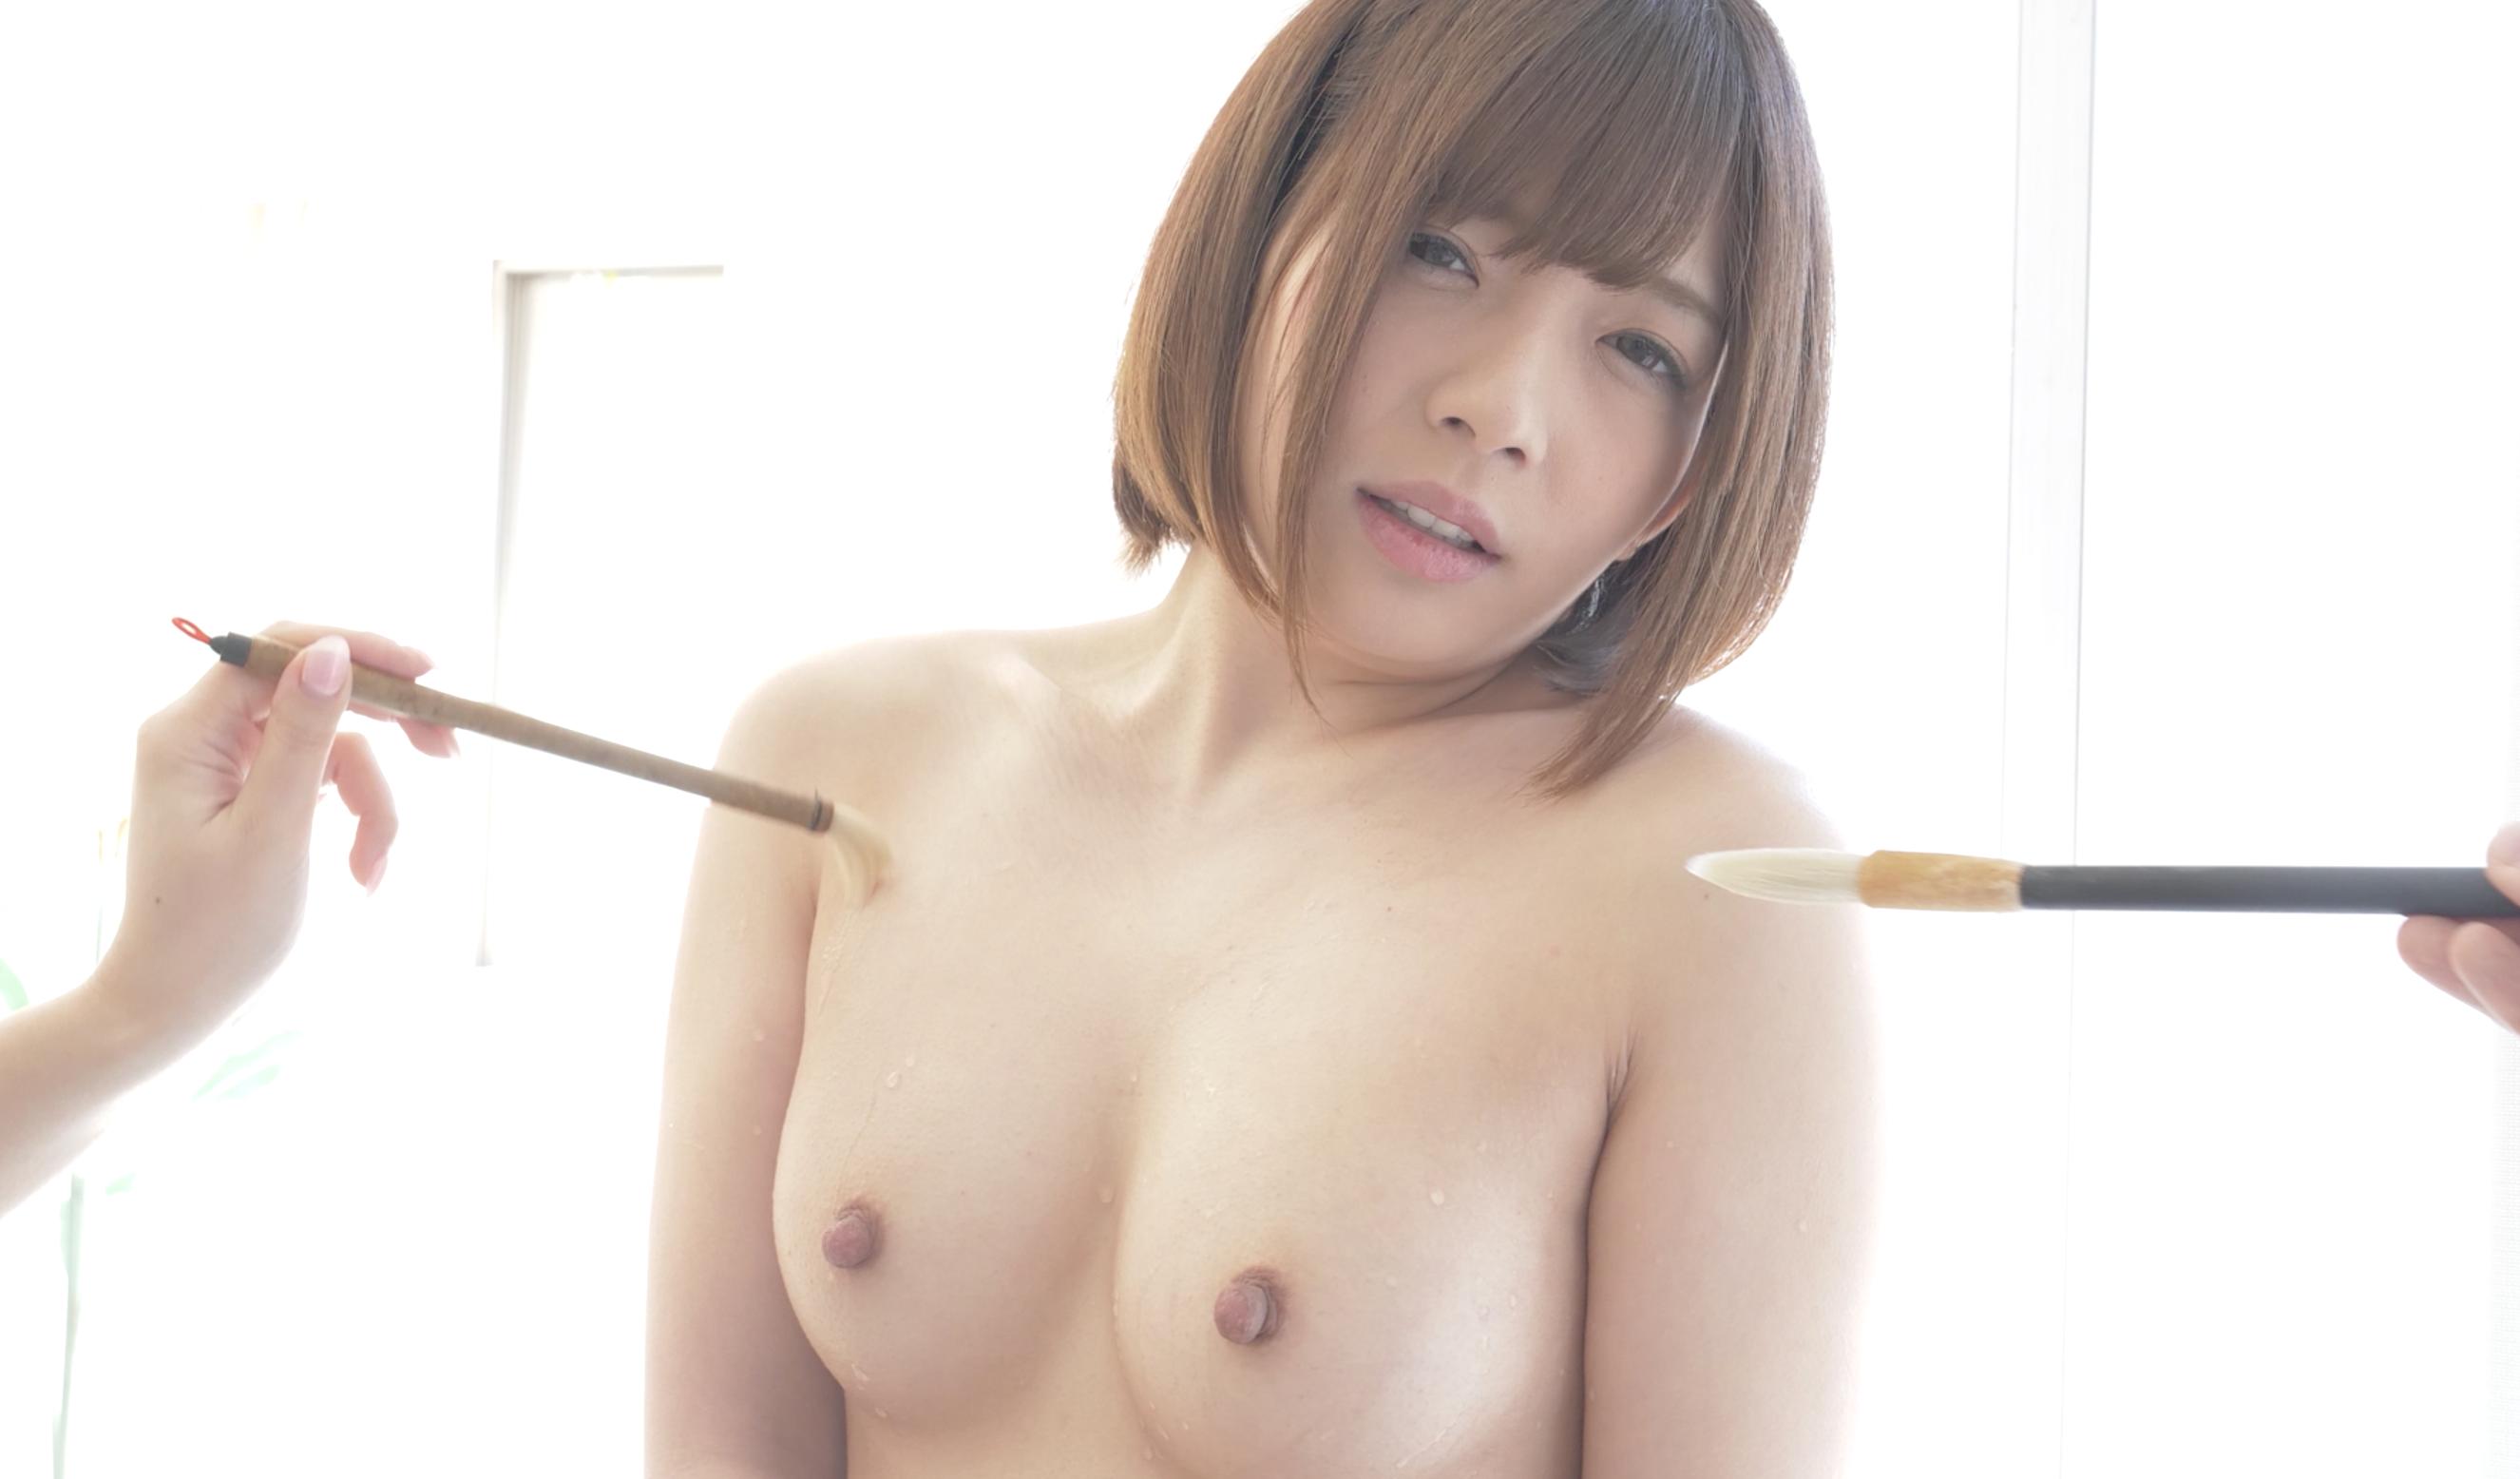 超可愛い人気女優 麻里梨夏チャンを濡れた筆でいじくりマッサージしました!!(パッケージ画像)